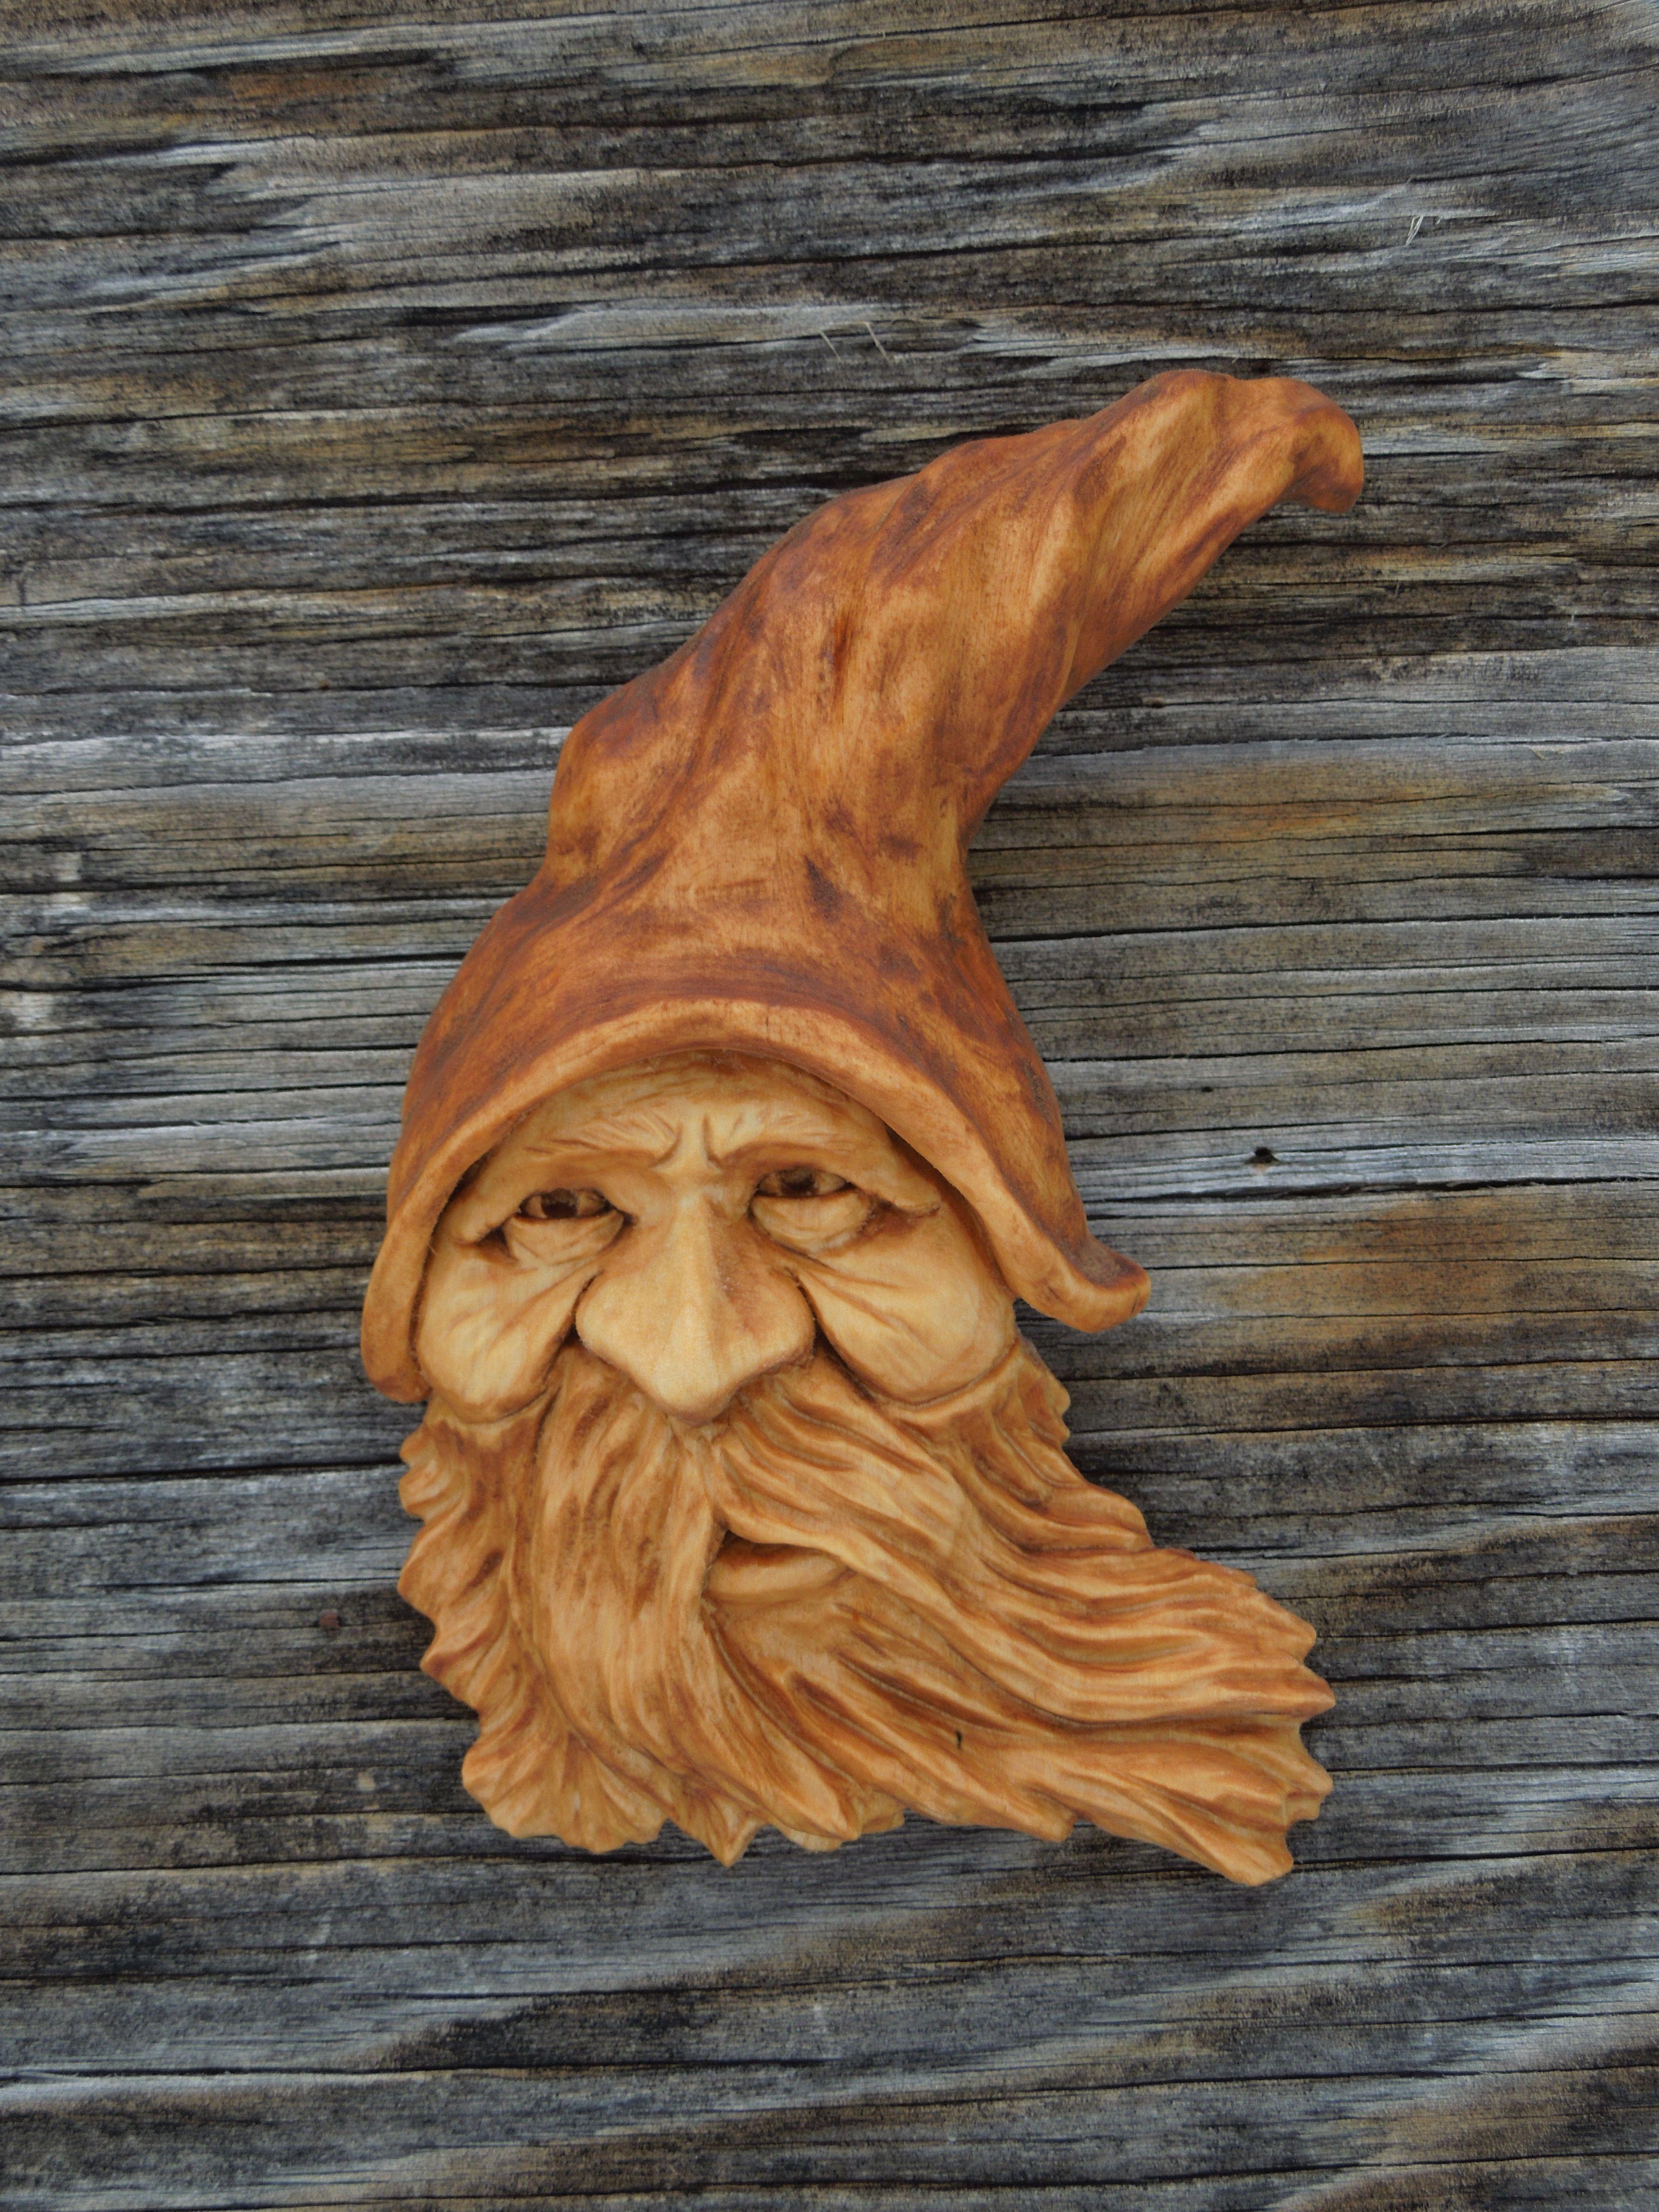 Scott Longpre wood carvings on facebook #Scottlongpre #woodspirit